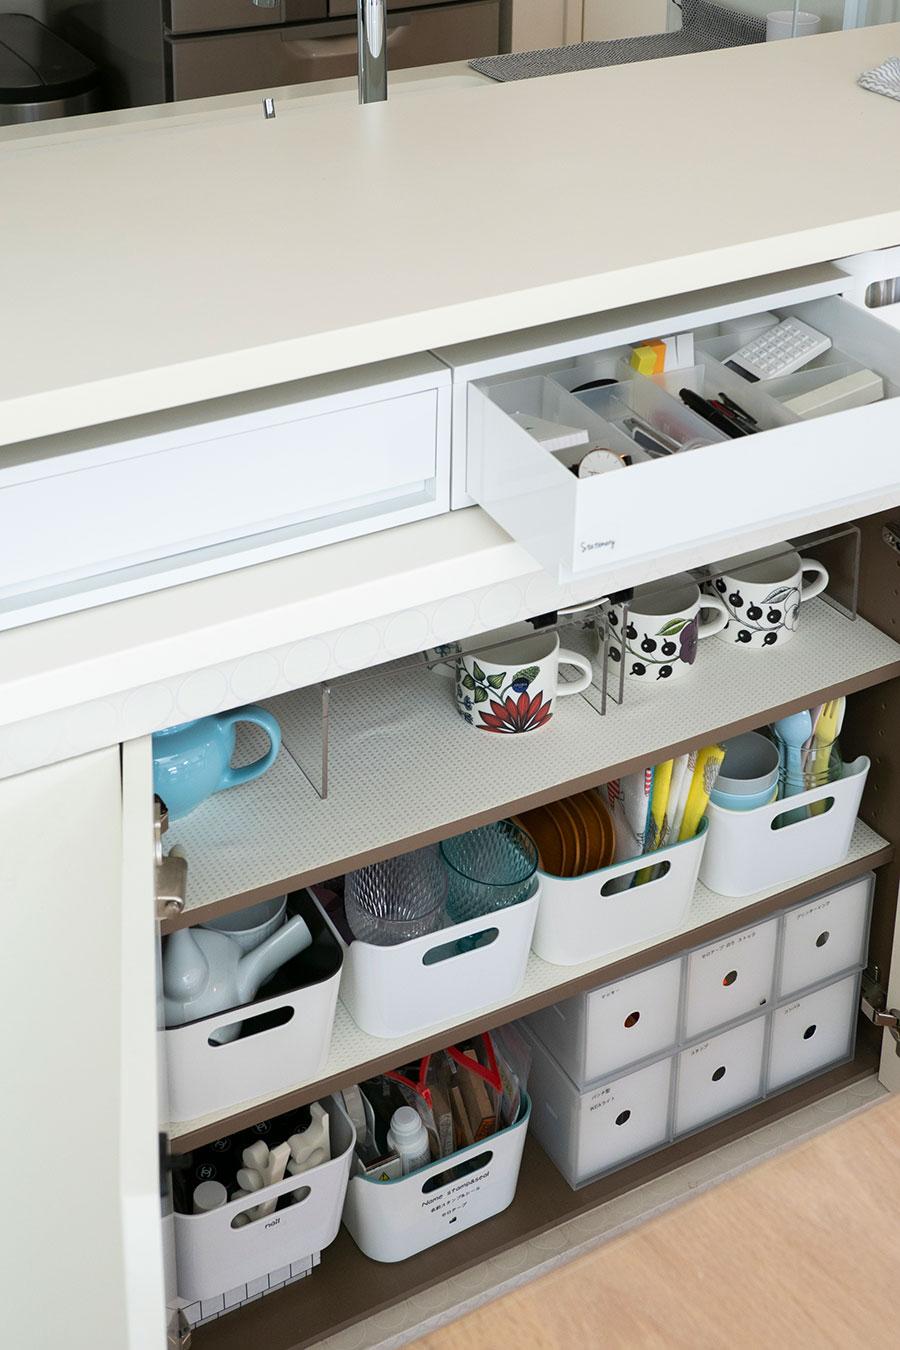 ダイニングに面したカウンターキッチン下の収納。来客用の食器を中心に収めている。上段には無印良品のポリプロピレンケース引出式を置き、引出し内を小分けのケースで仕切って文房具などを。